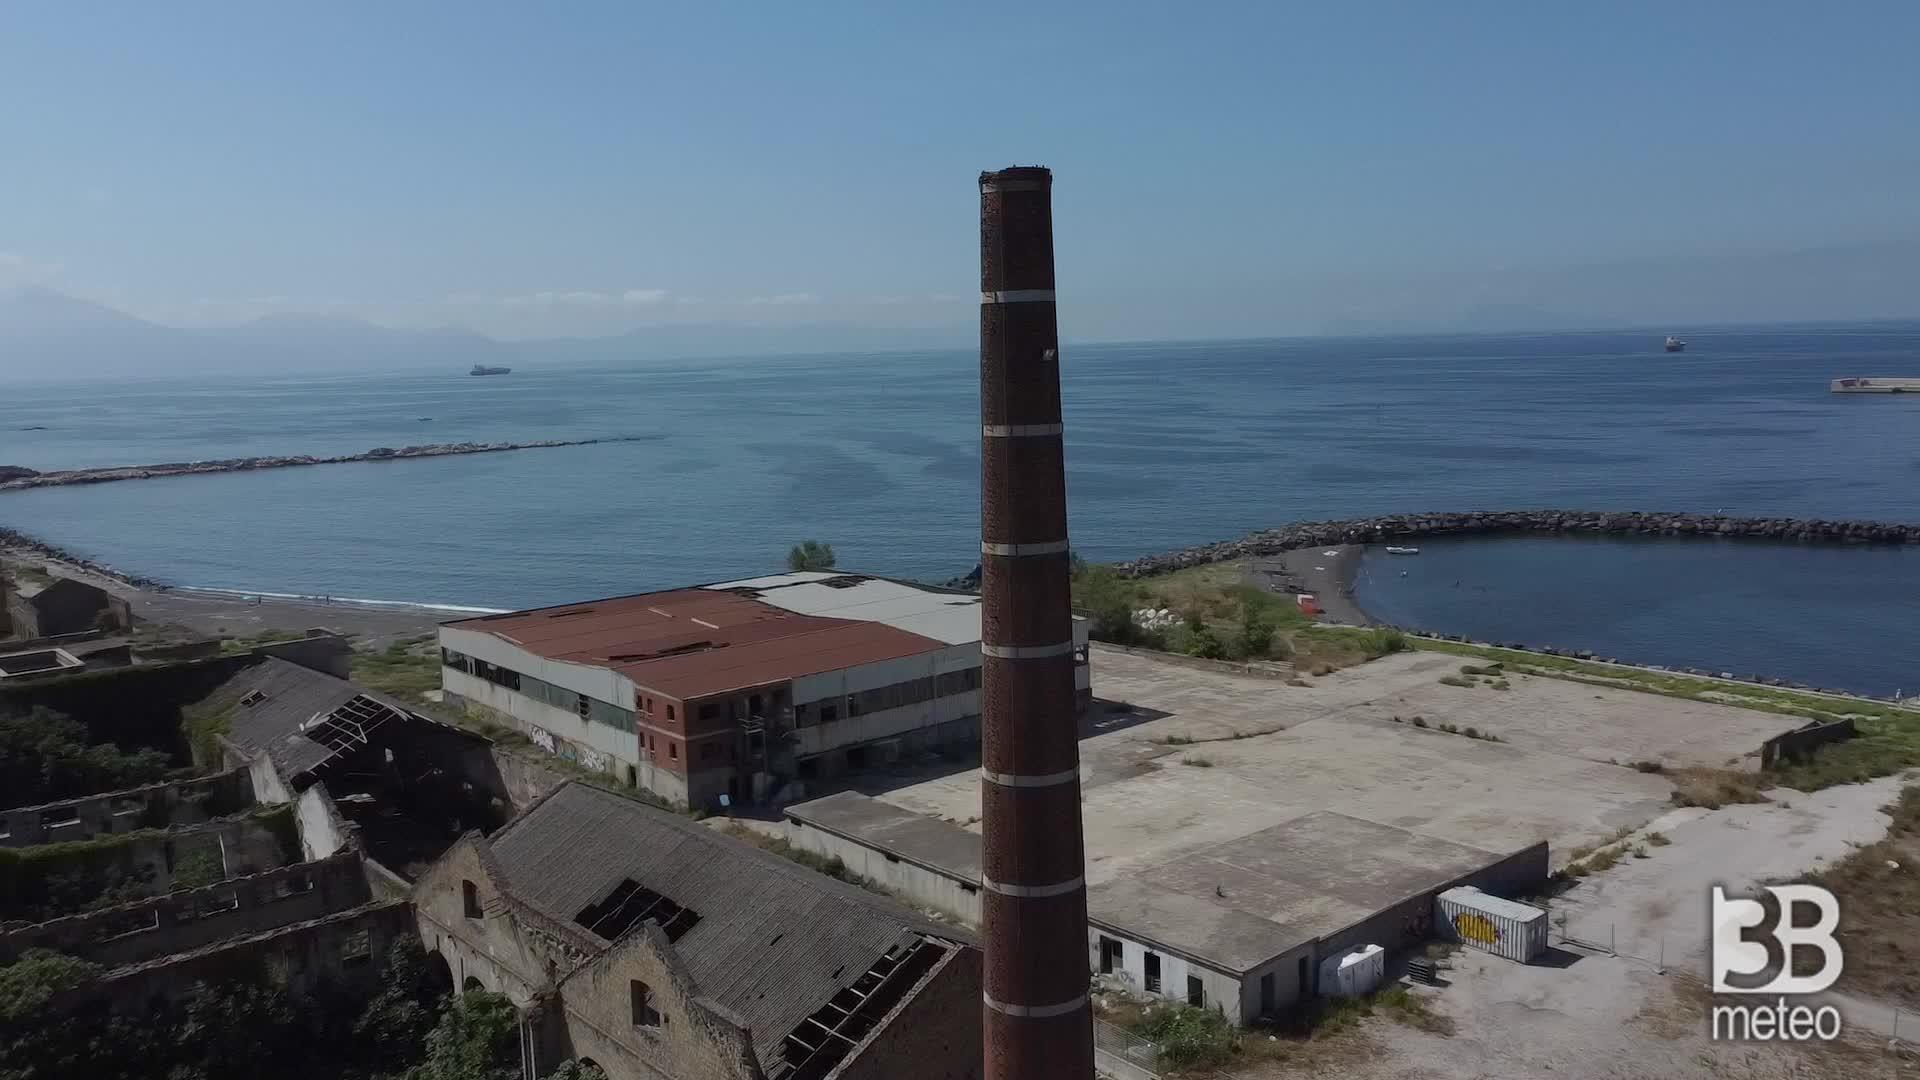 Il mare negato di San Giovanni : le immagini dal drone